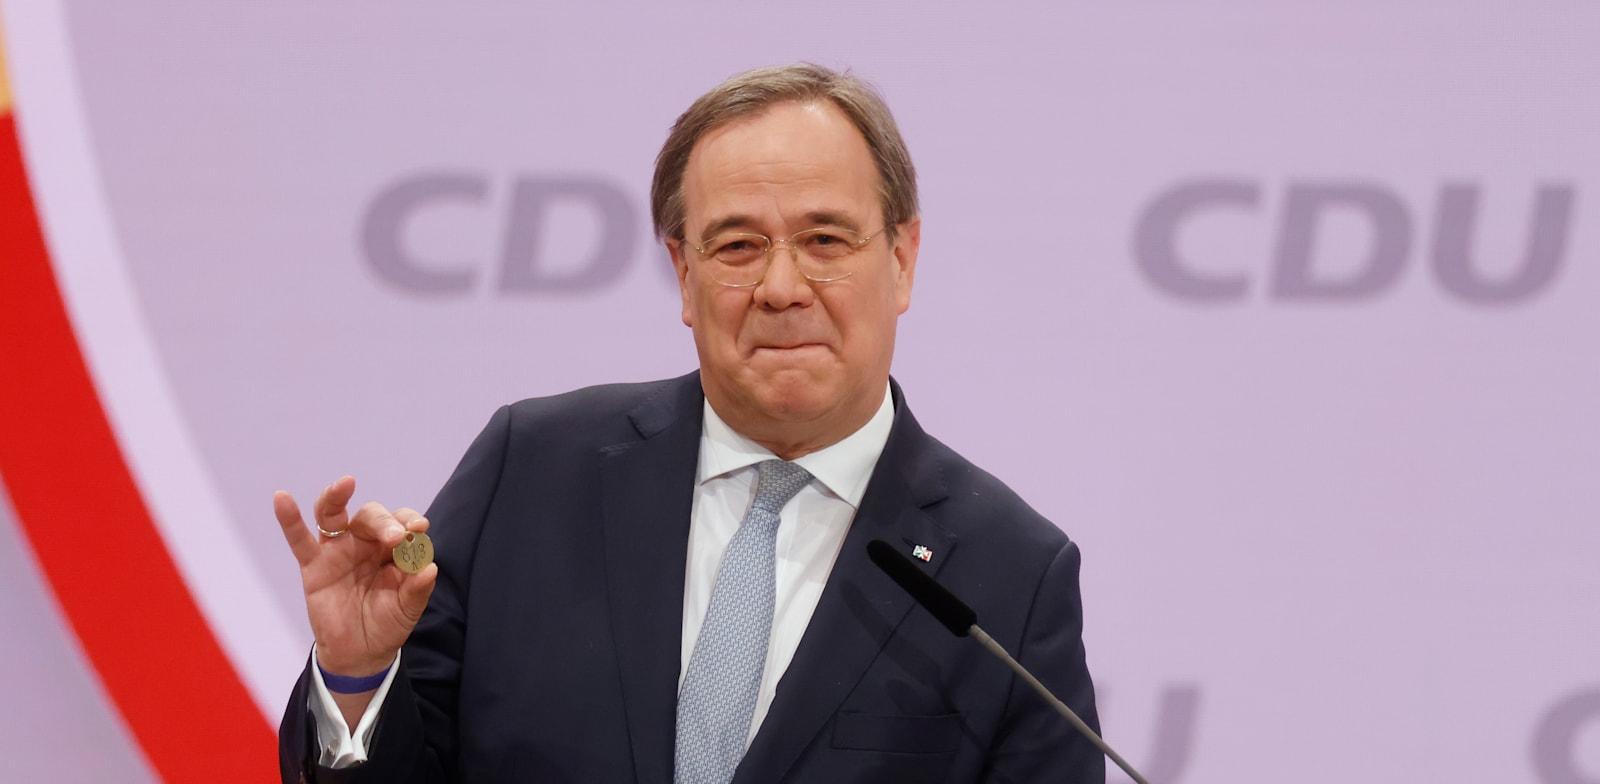 ארמין לאשט, מנהיג מפלגת השלטון הגרמנית הנבחר / צילום: Associated Press, Odd Andersen